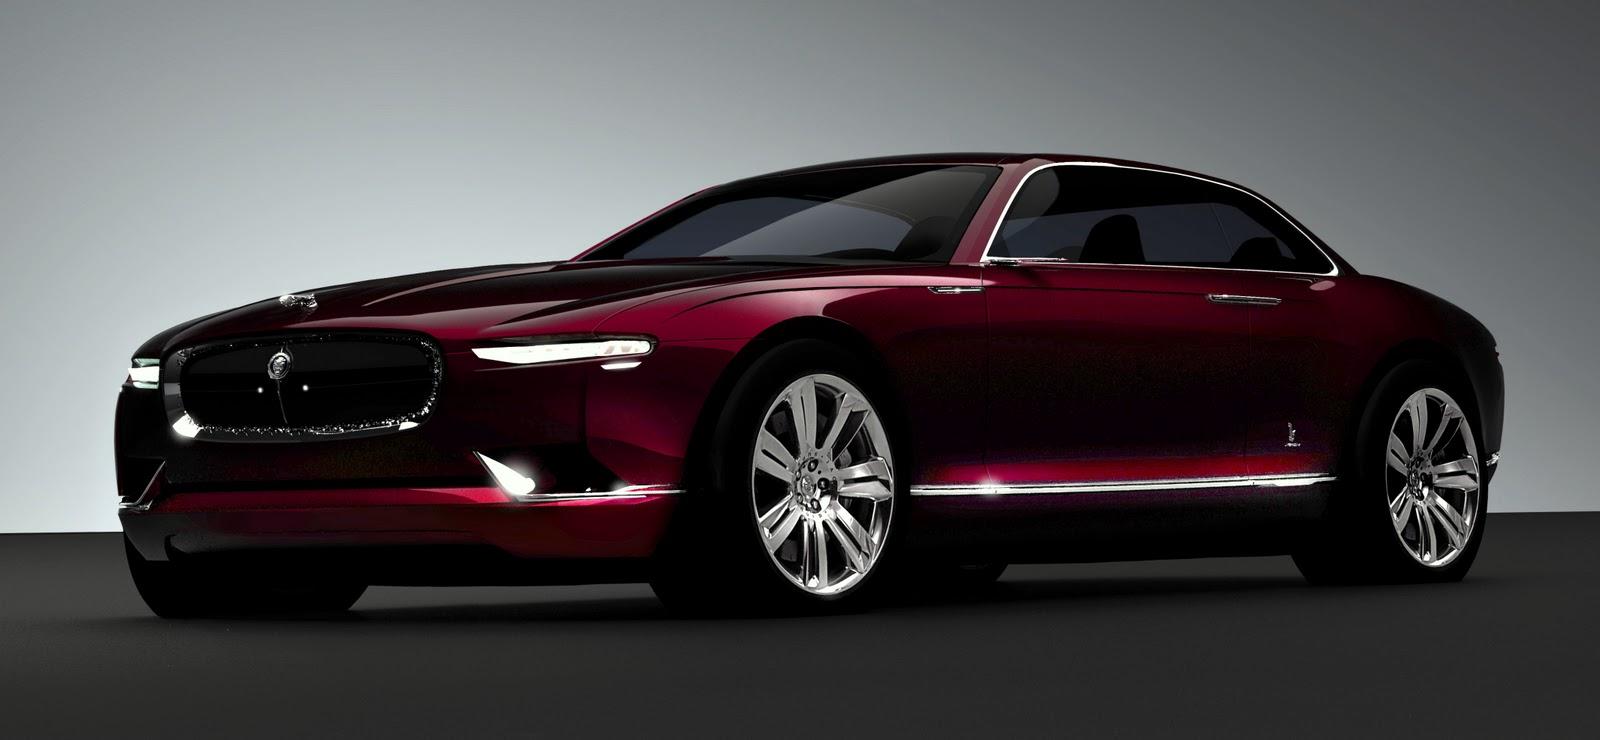 Image result for jaguar b99 GT